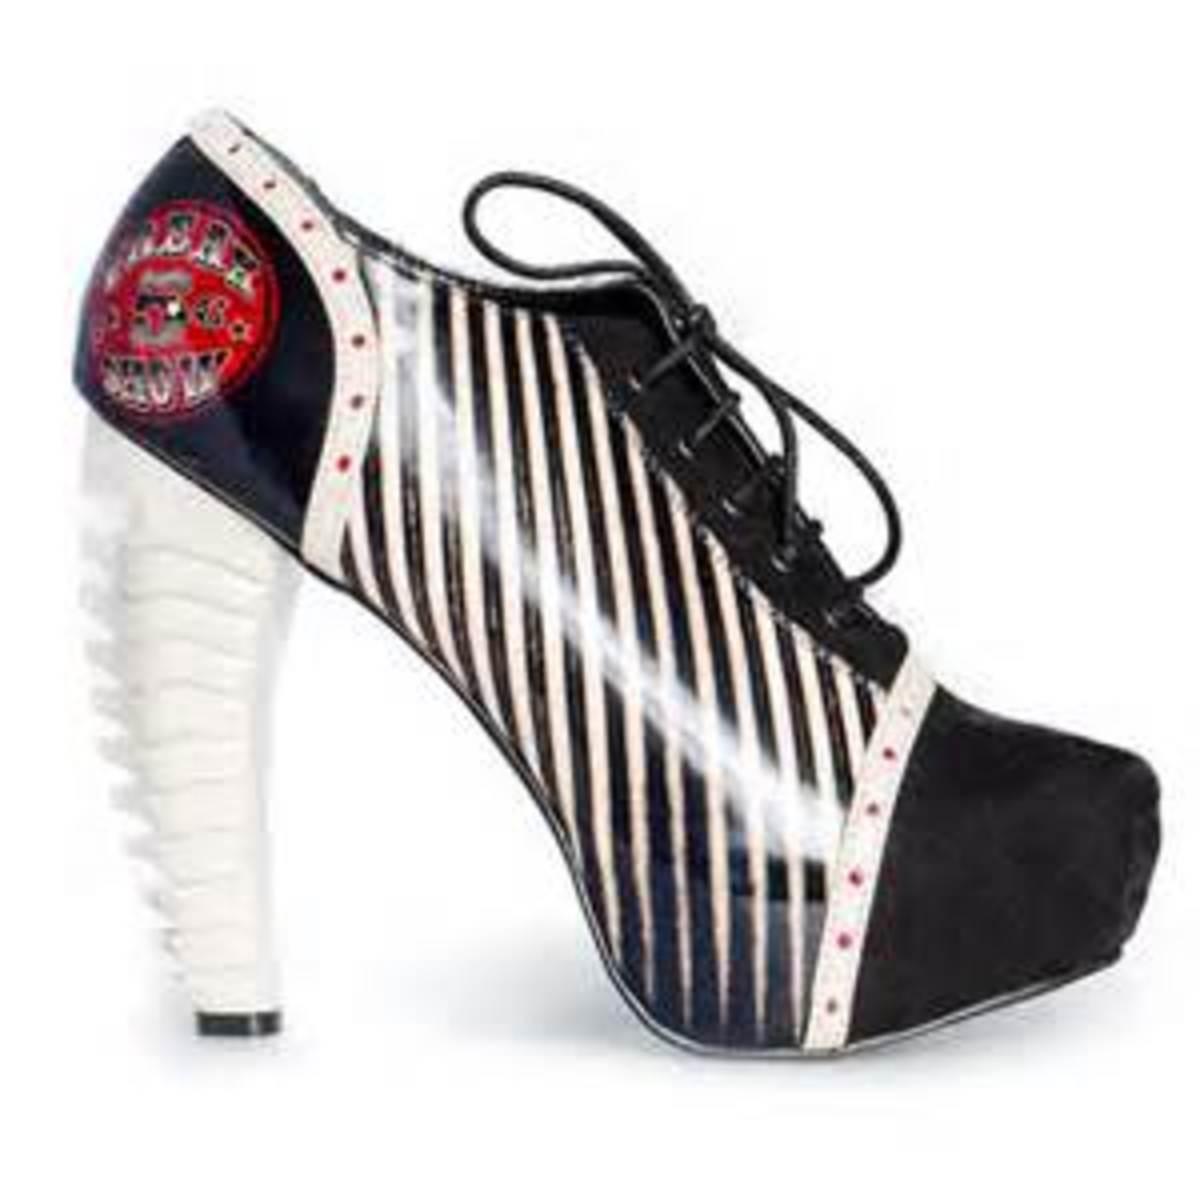 Men's shoes tuned ladies heels.